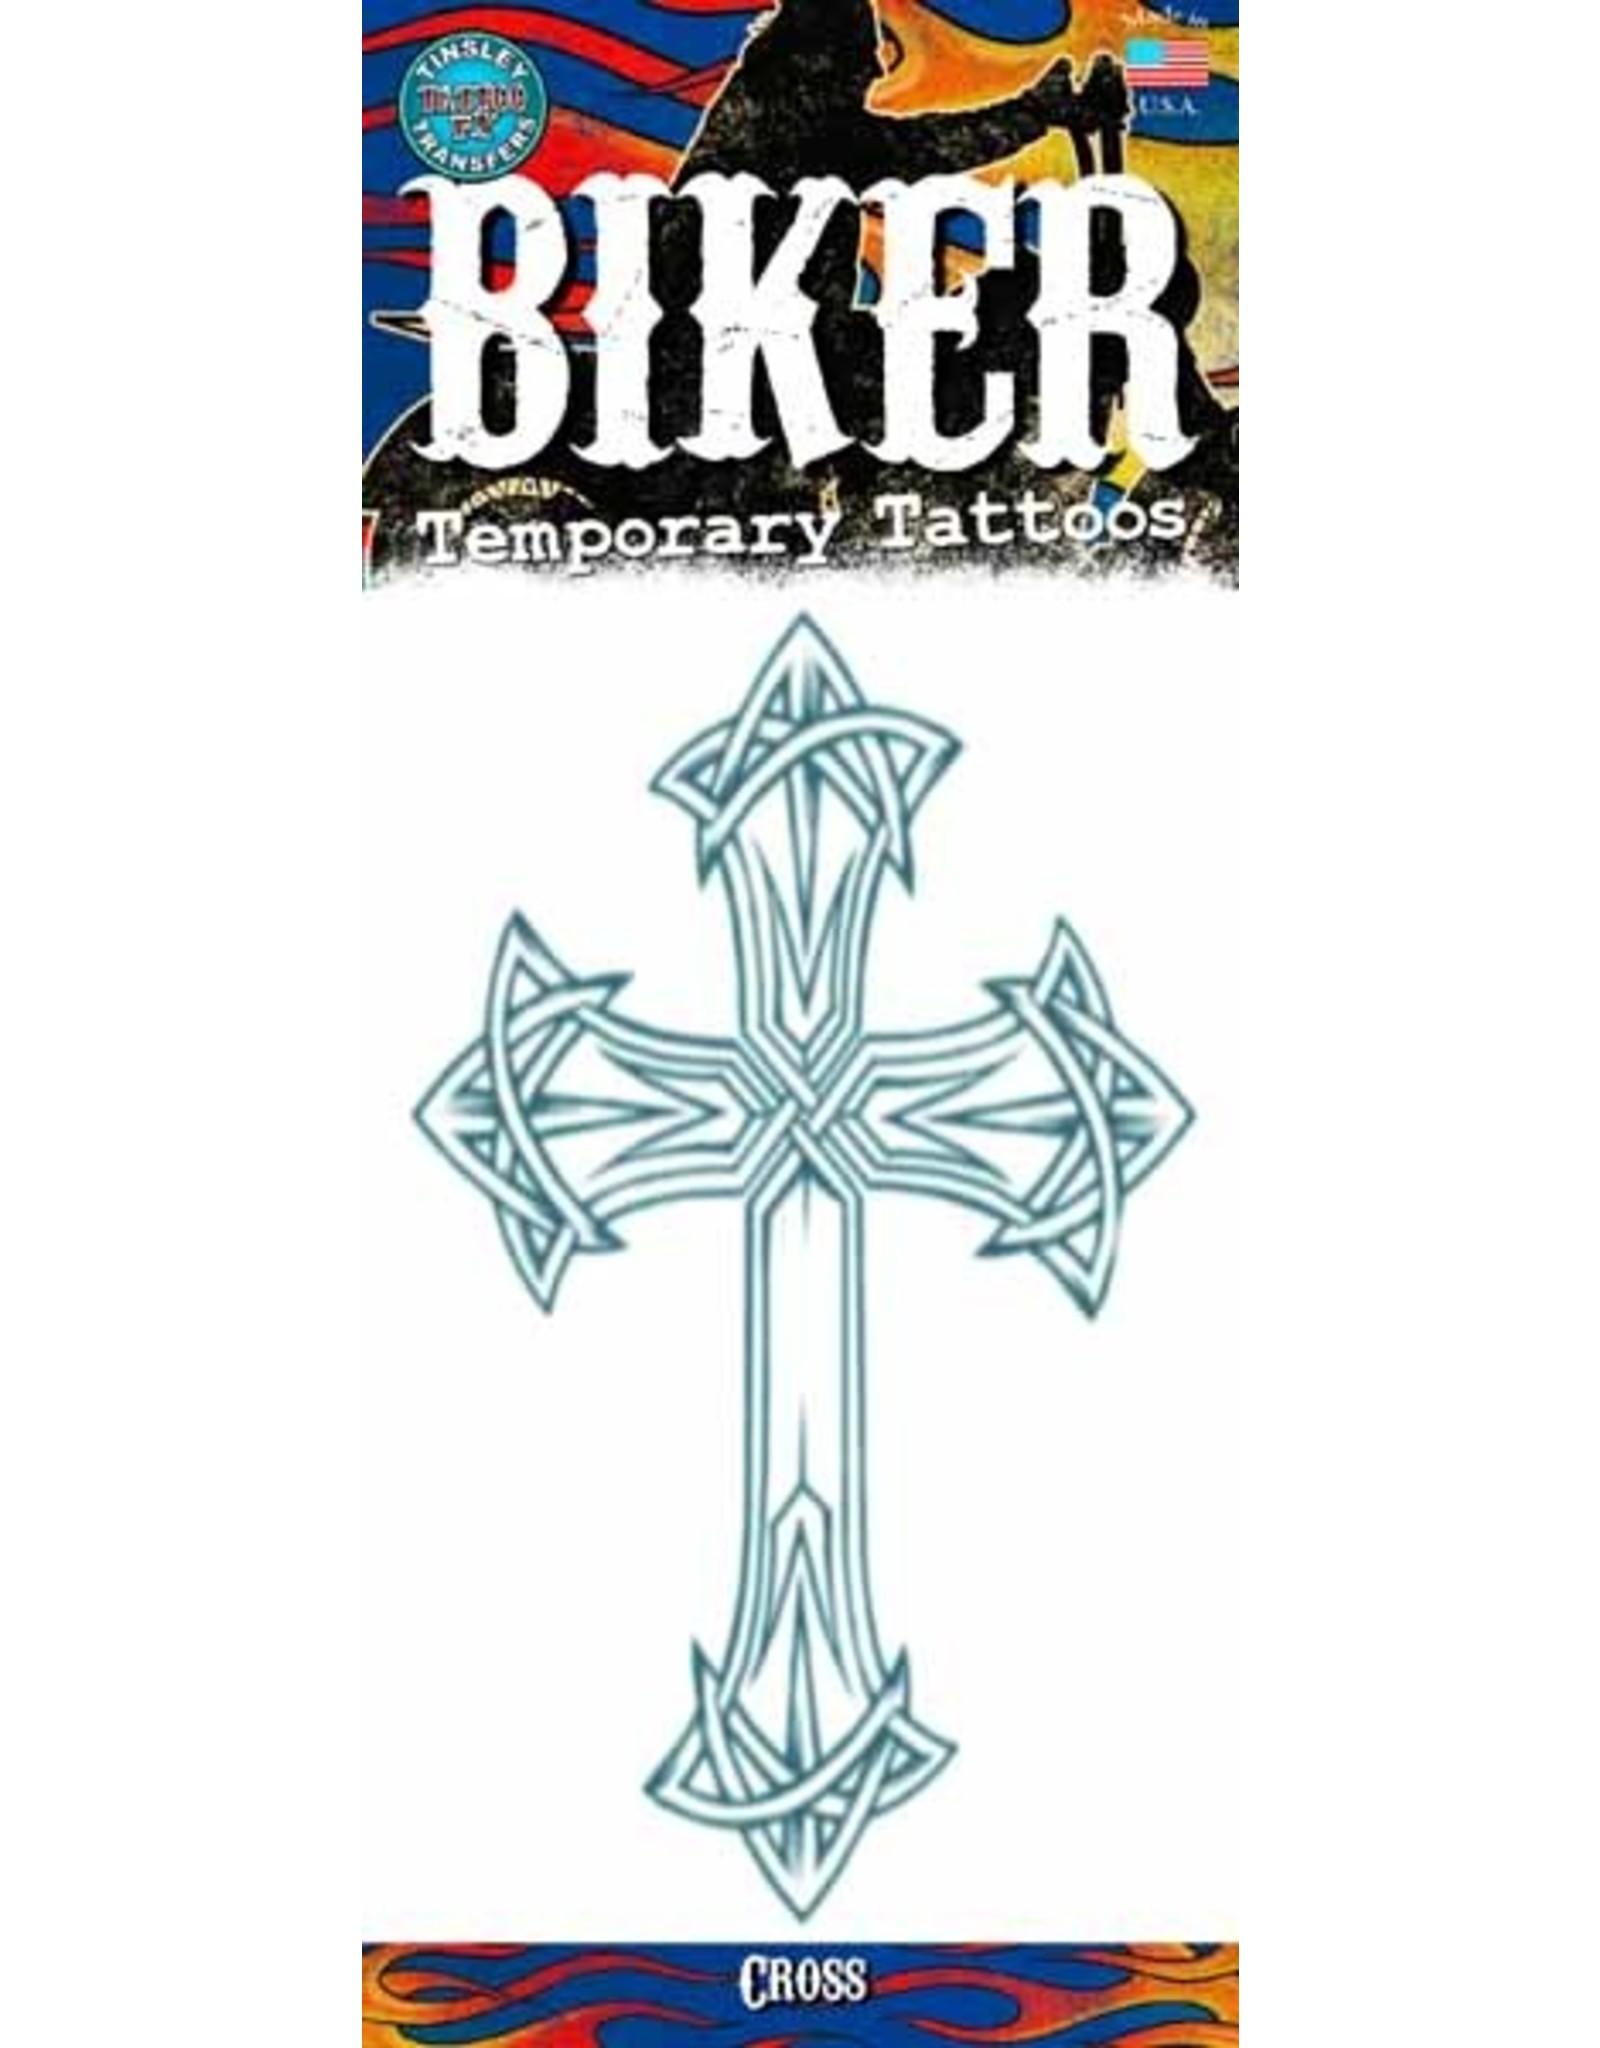 Tinsley Transfers Temporary Tattoos - Cross